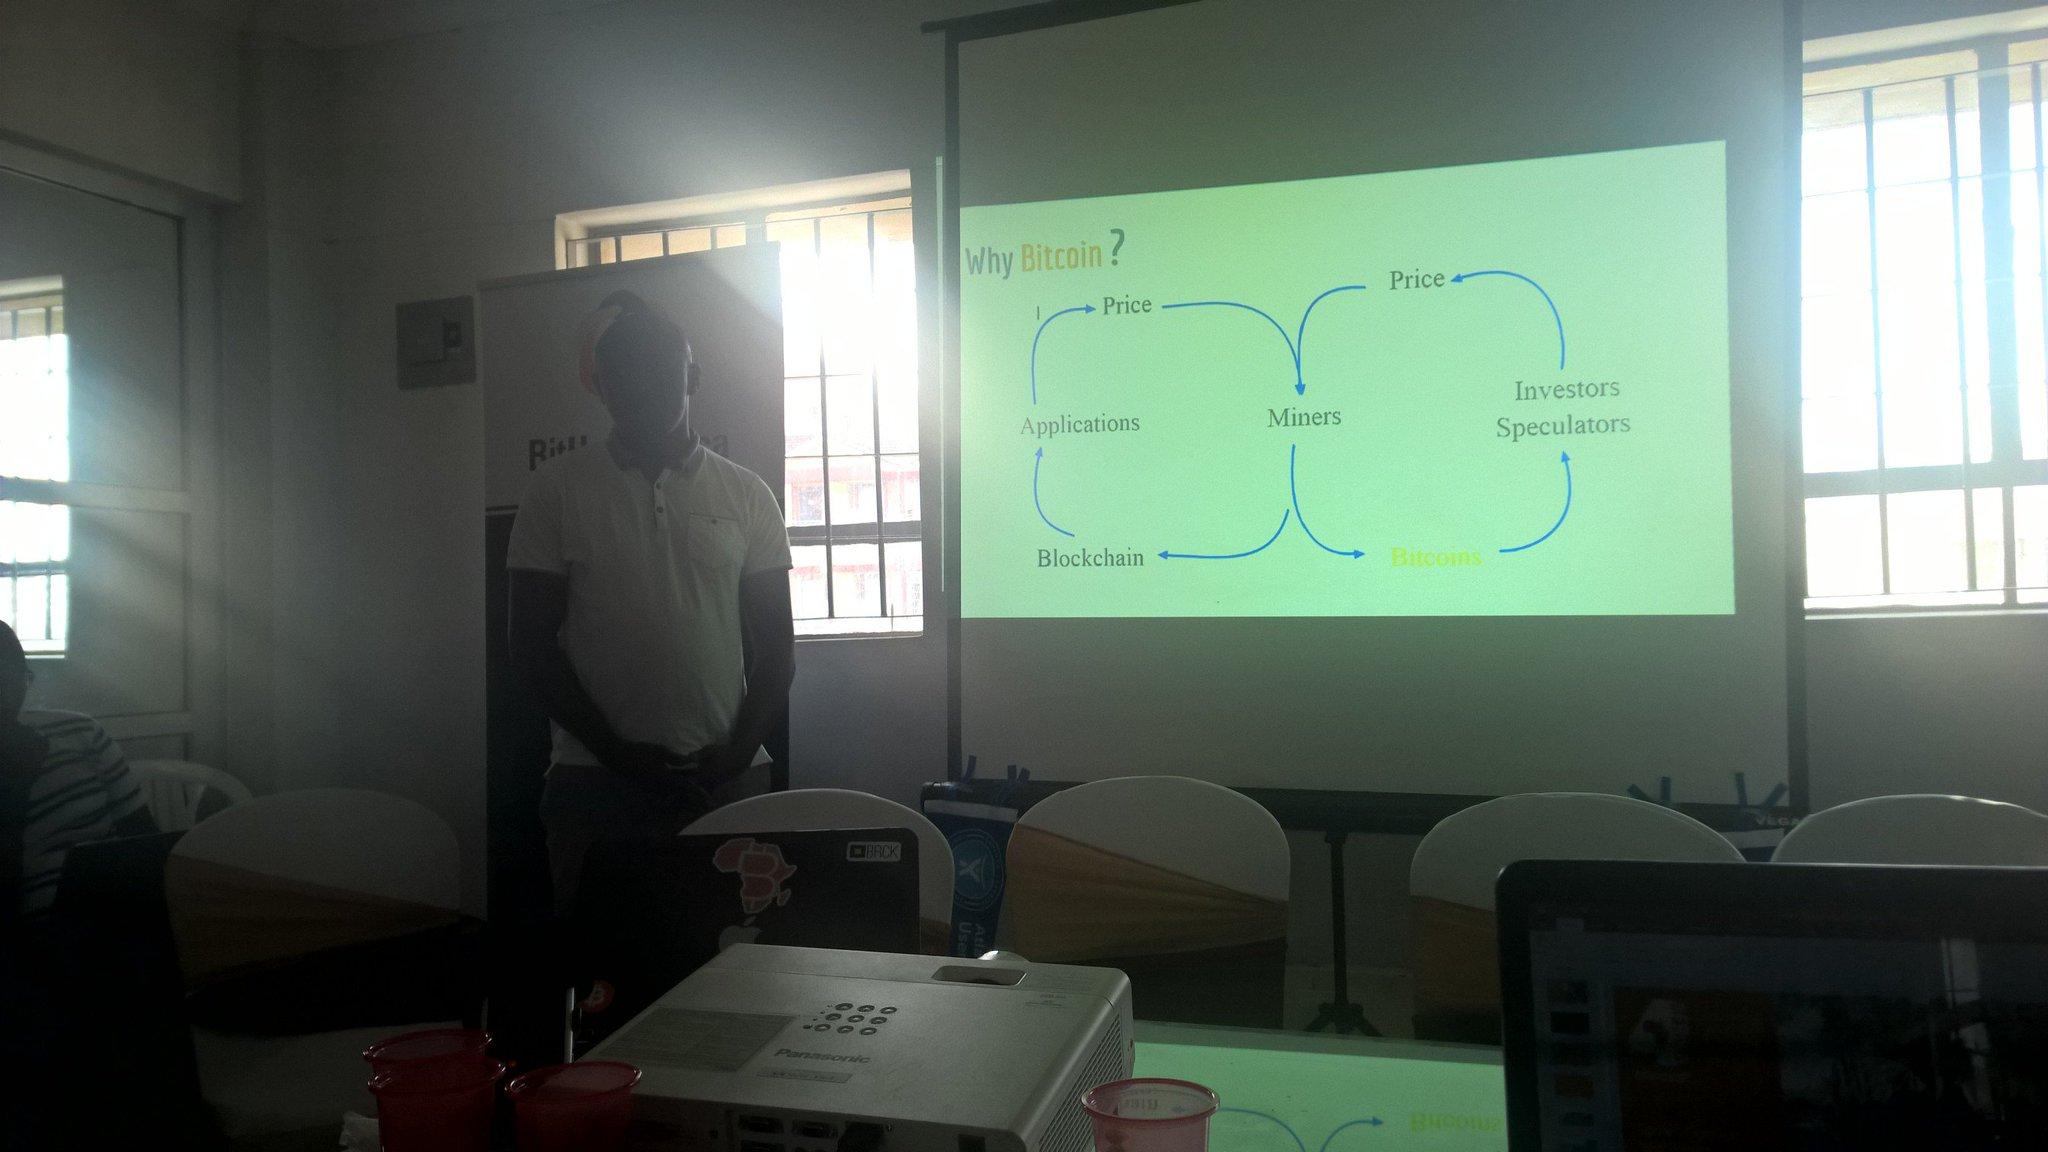 How bitcoins work with @BitHubAfrica #NyamaNaBitcoin https://t.co/fDX8b9yev3